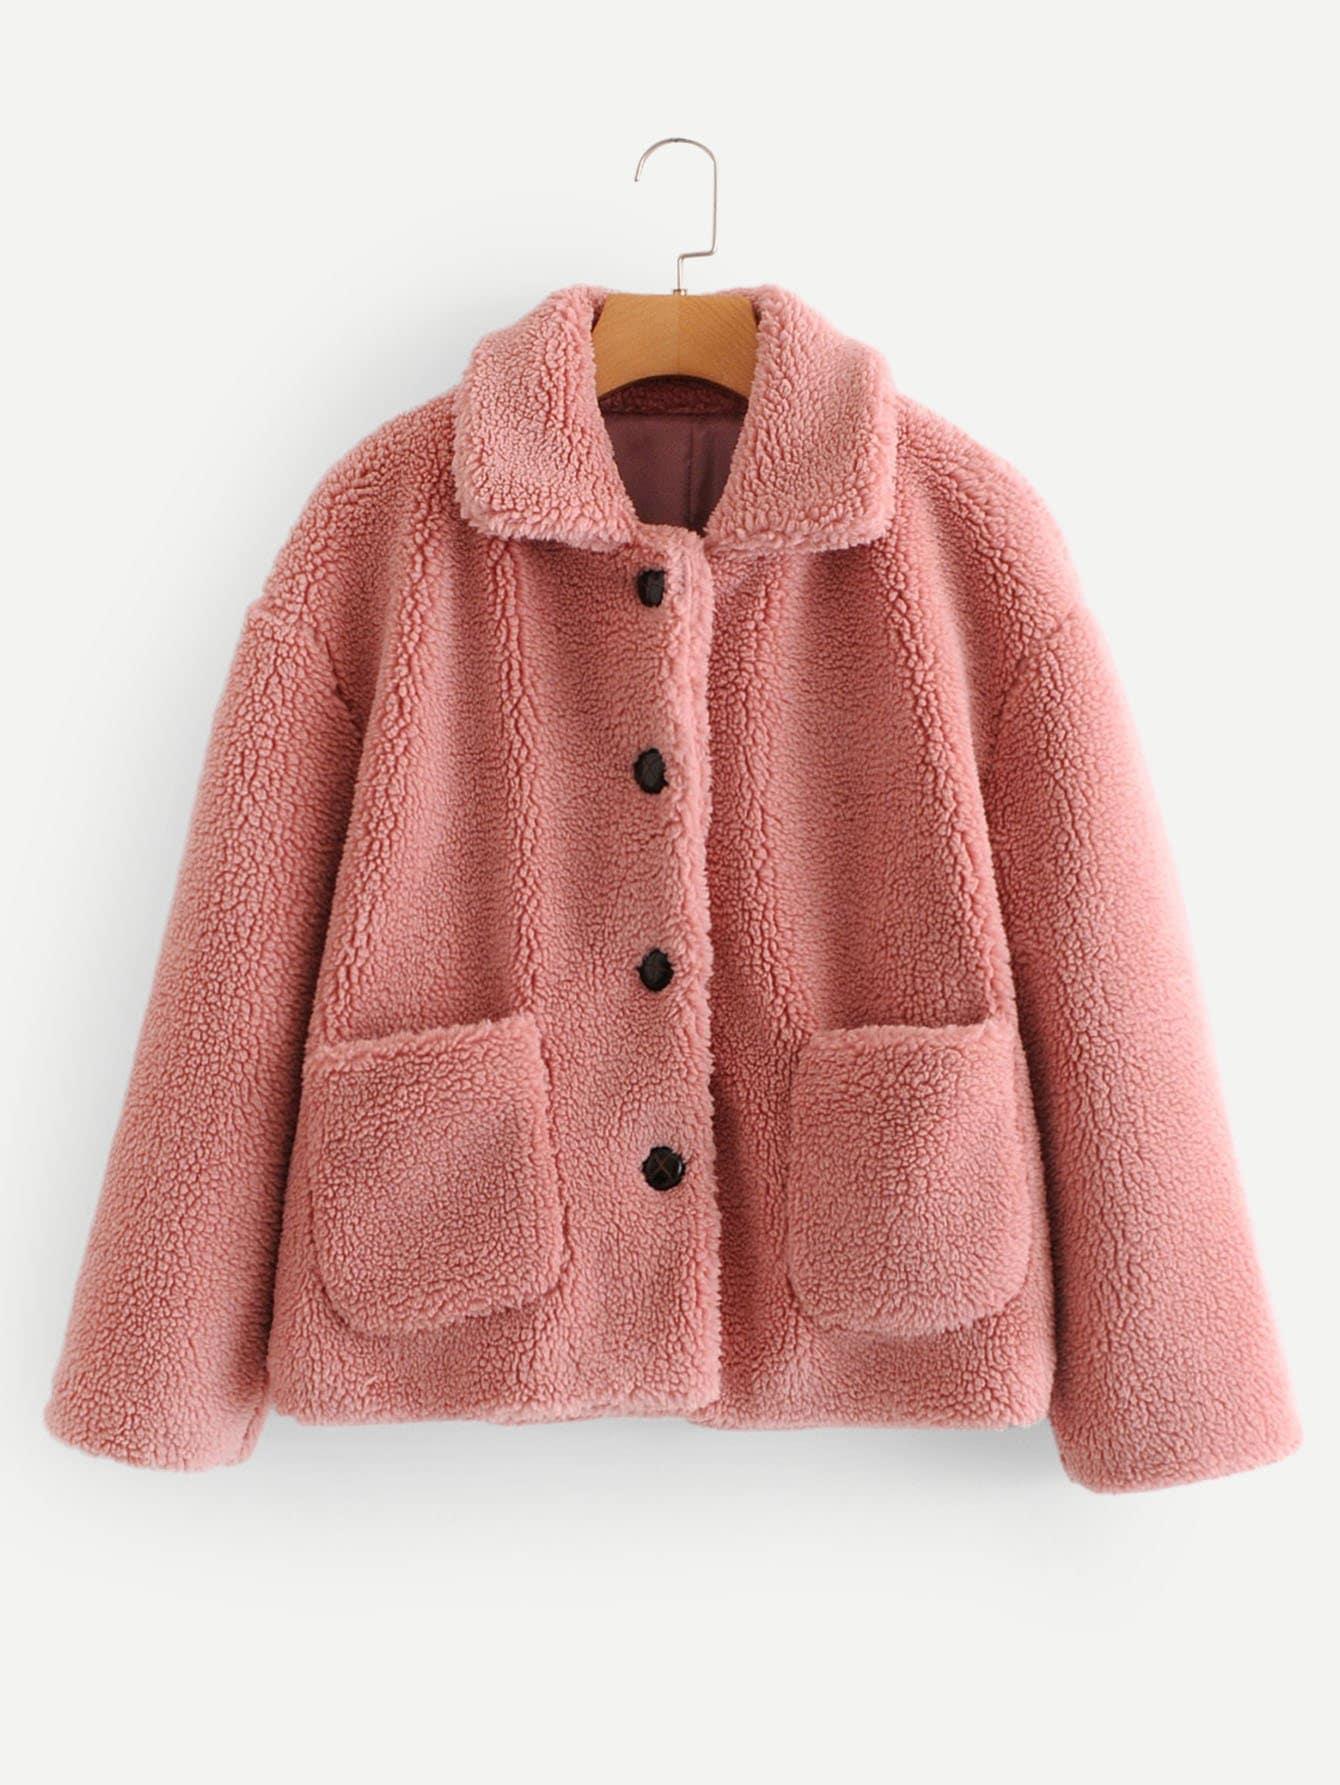 Купить Тедди пальто на пуговицах с карманом, null, SheIn